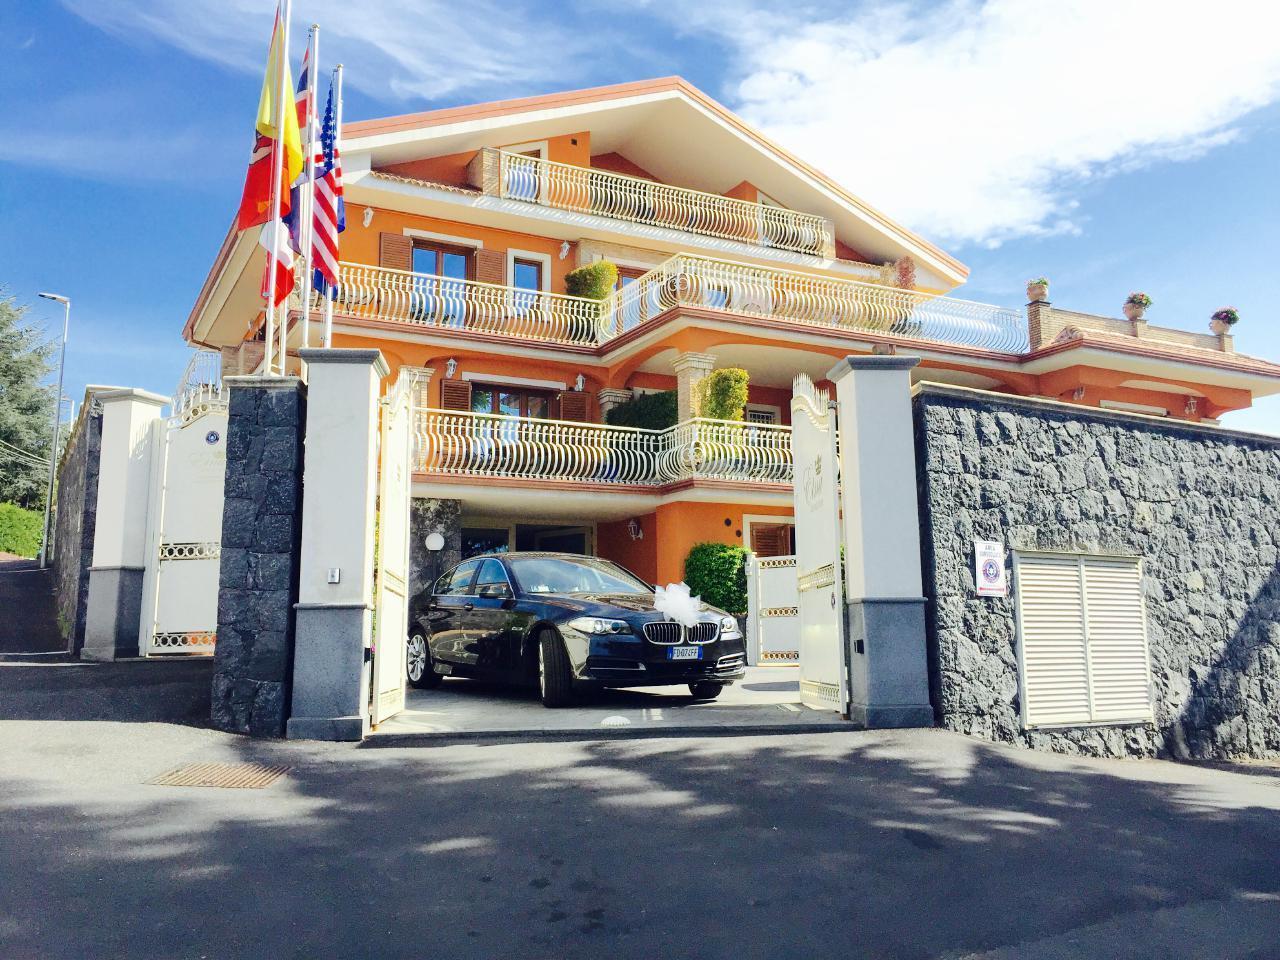 Appartement de vacances Etna Royal View -  Zwei-Zimmer-Wohnung mit Blick auf den Garten (2182582), Trecastagni, Catania, Sicile, Italie, image 5